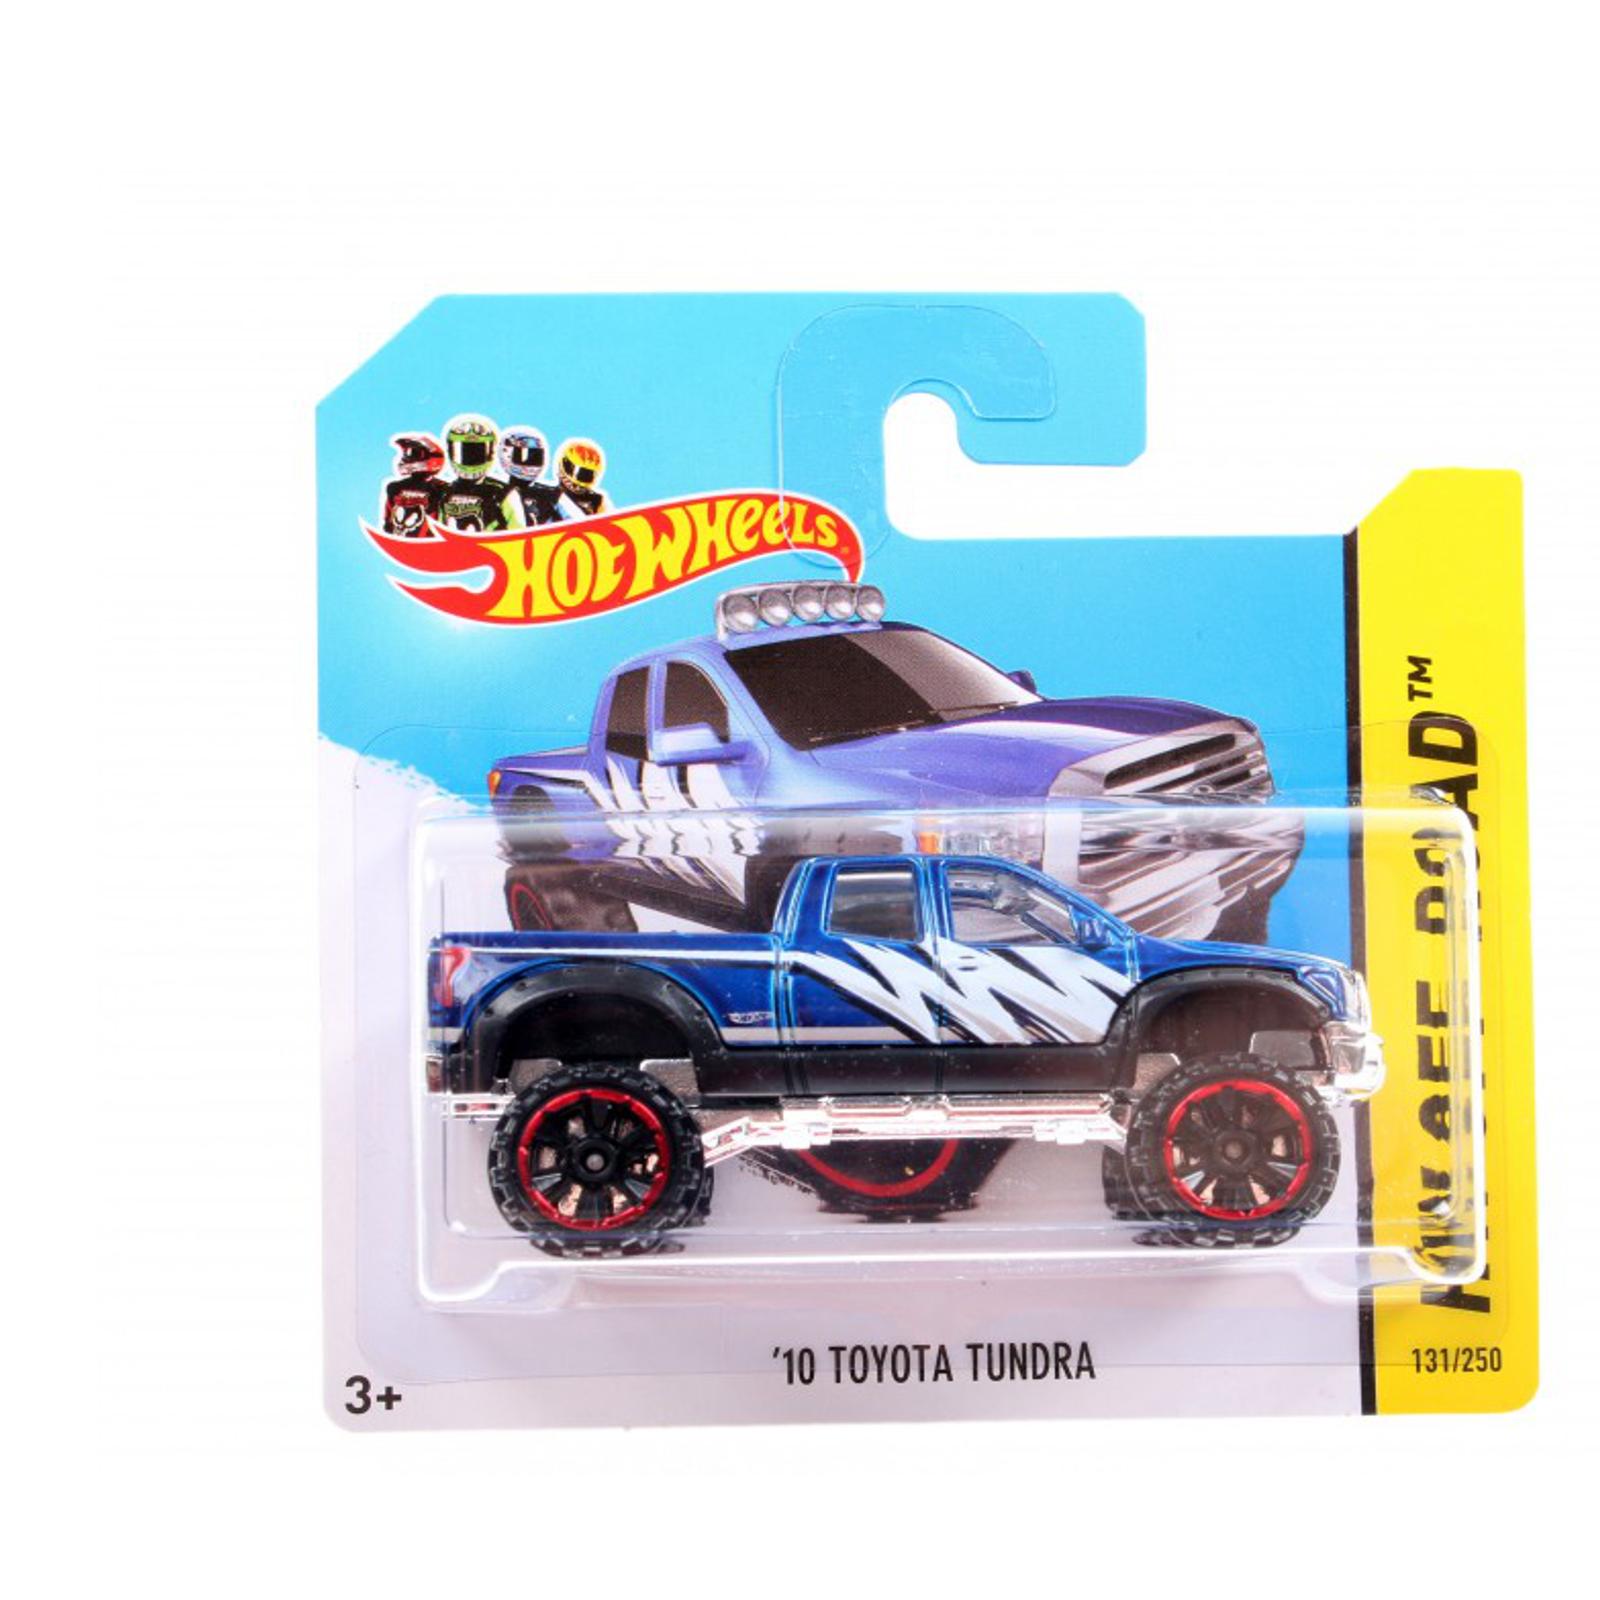 ����������� Hot Wheels ��� ������ 10 Toyota Tundra